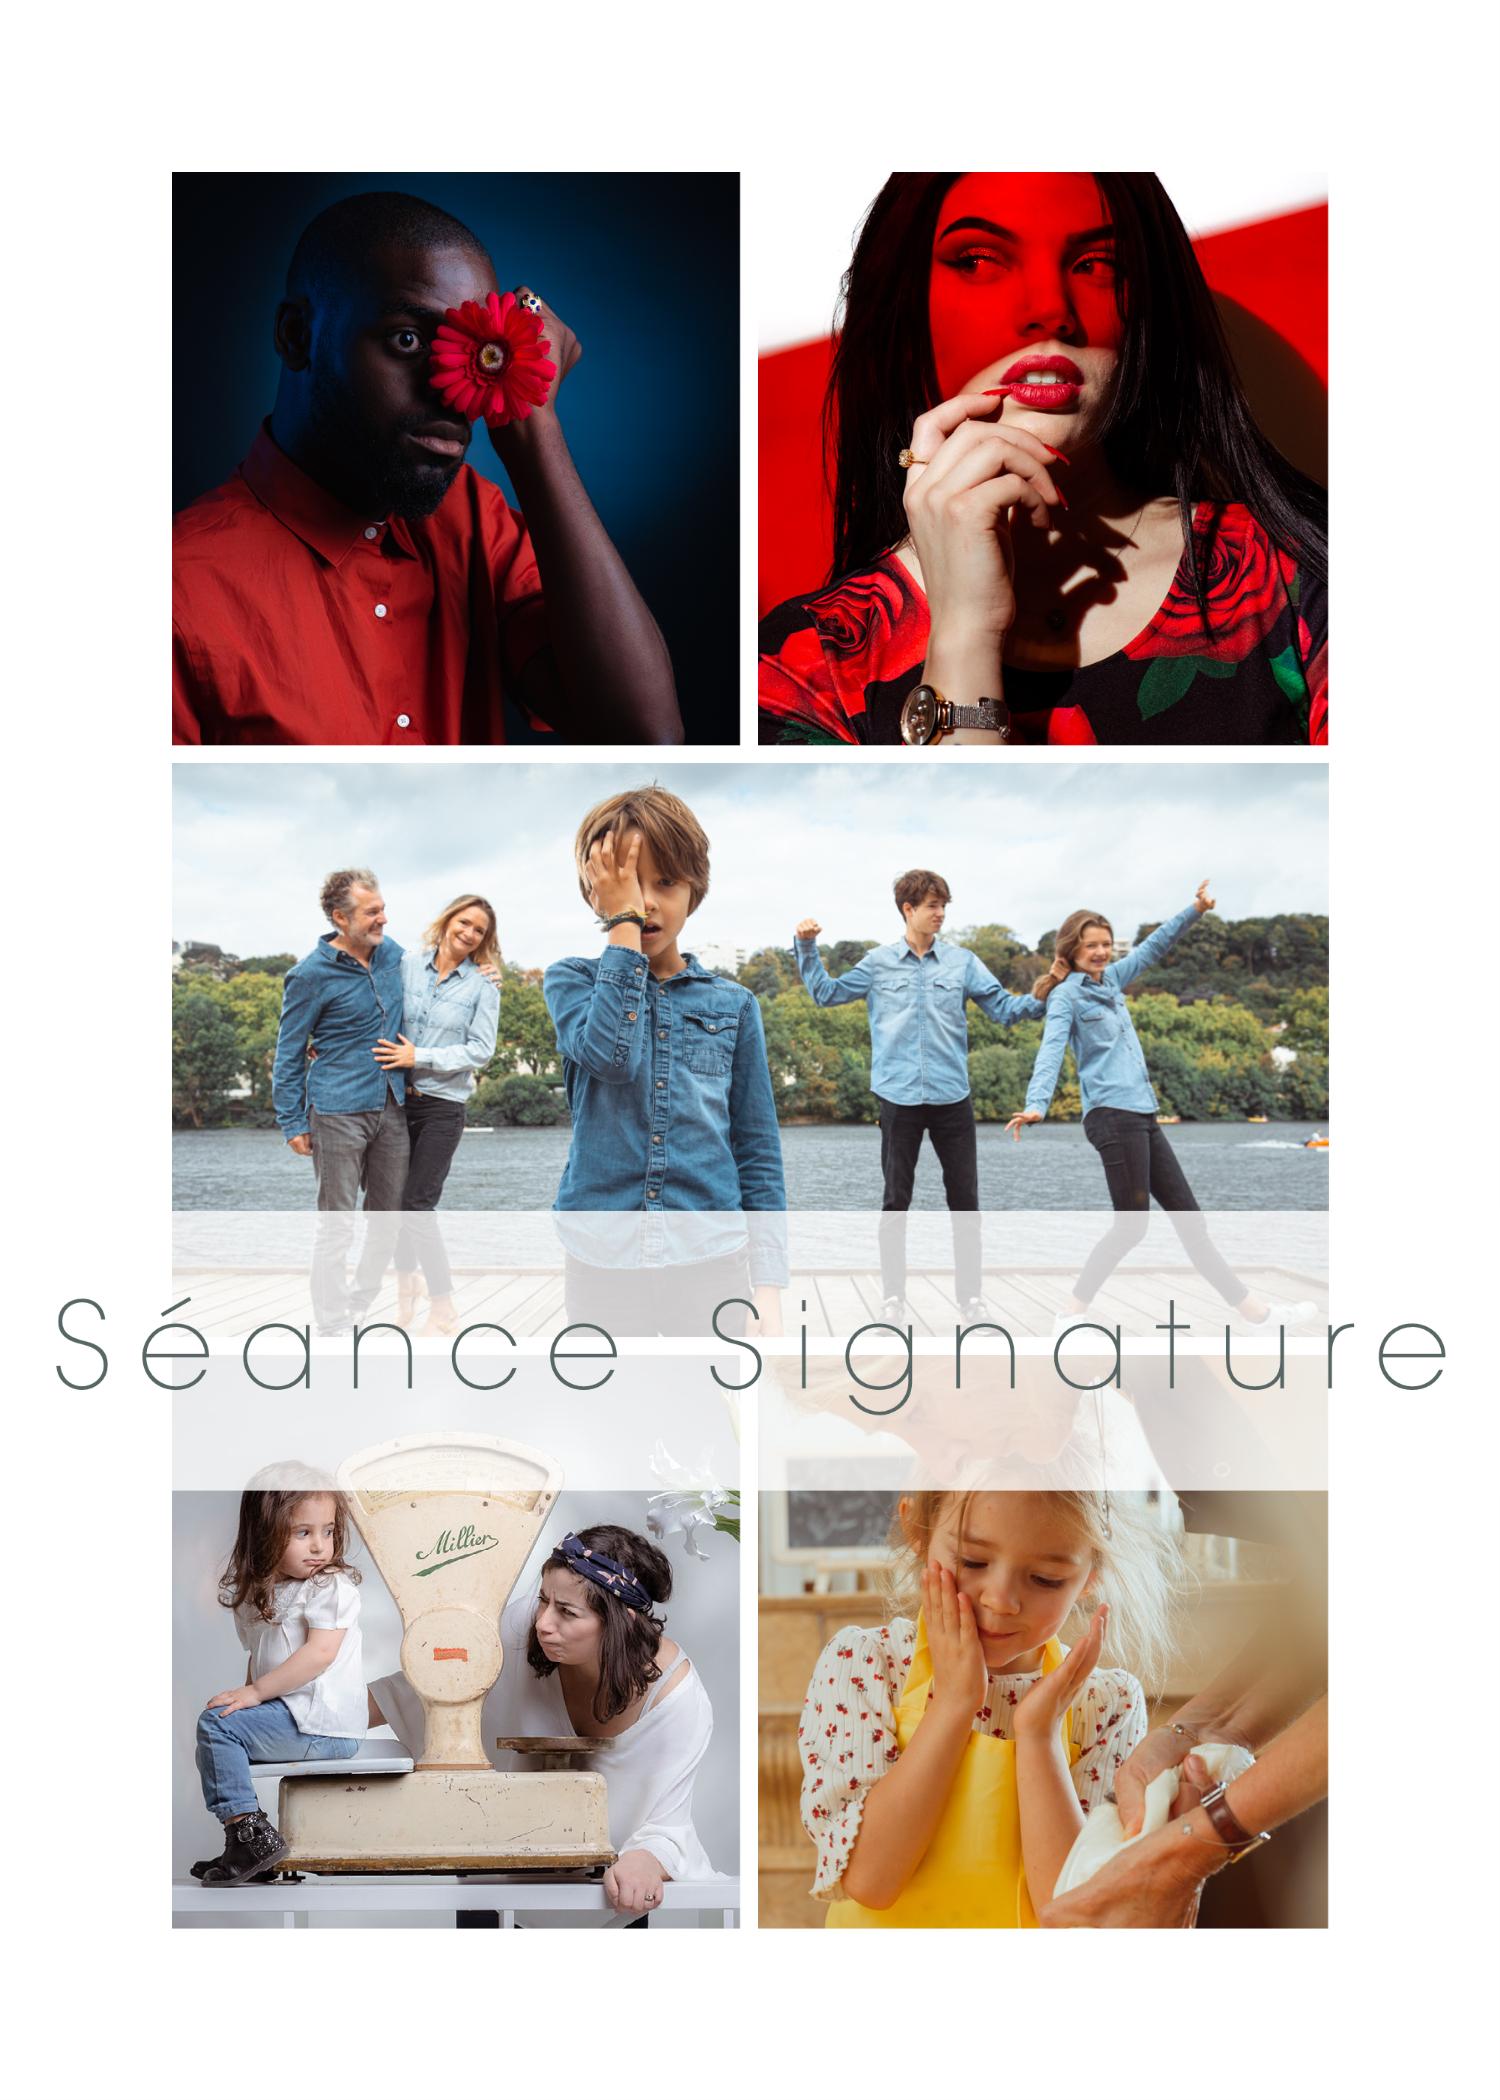 photo professionnelle lyon, agence photo lyon, offrir un shooting photo lyon, photographe professionnel lyon, idees de cadeaux pour famille cadeau anniversaire femme 30 ans